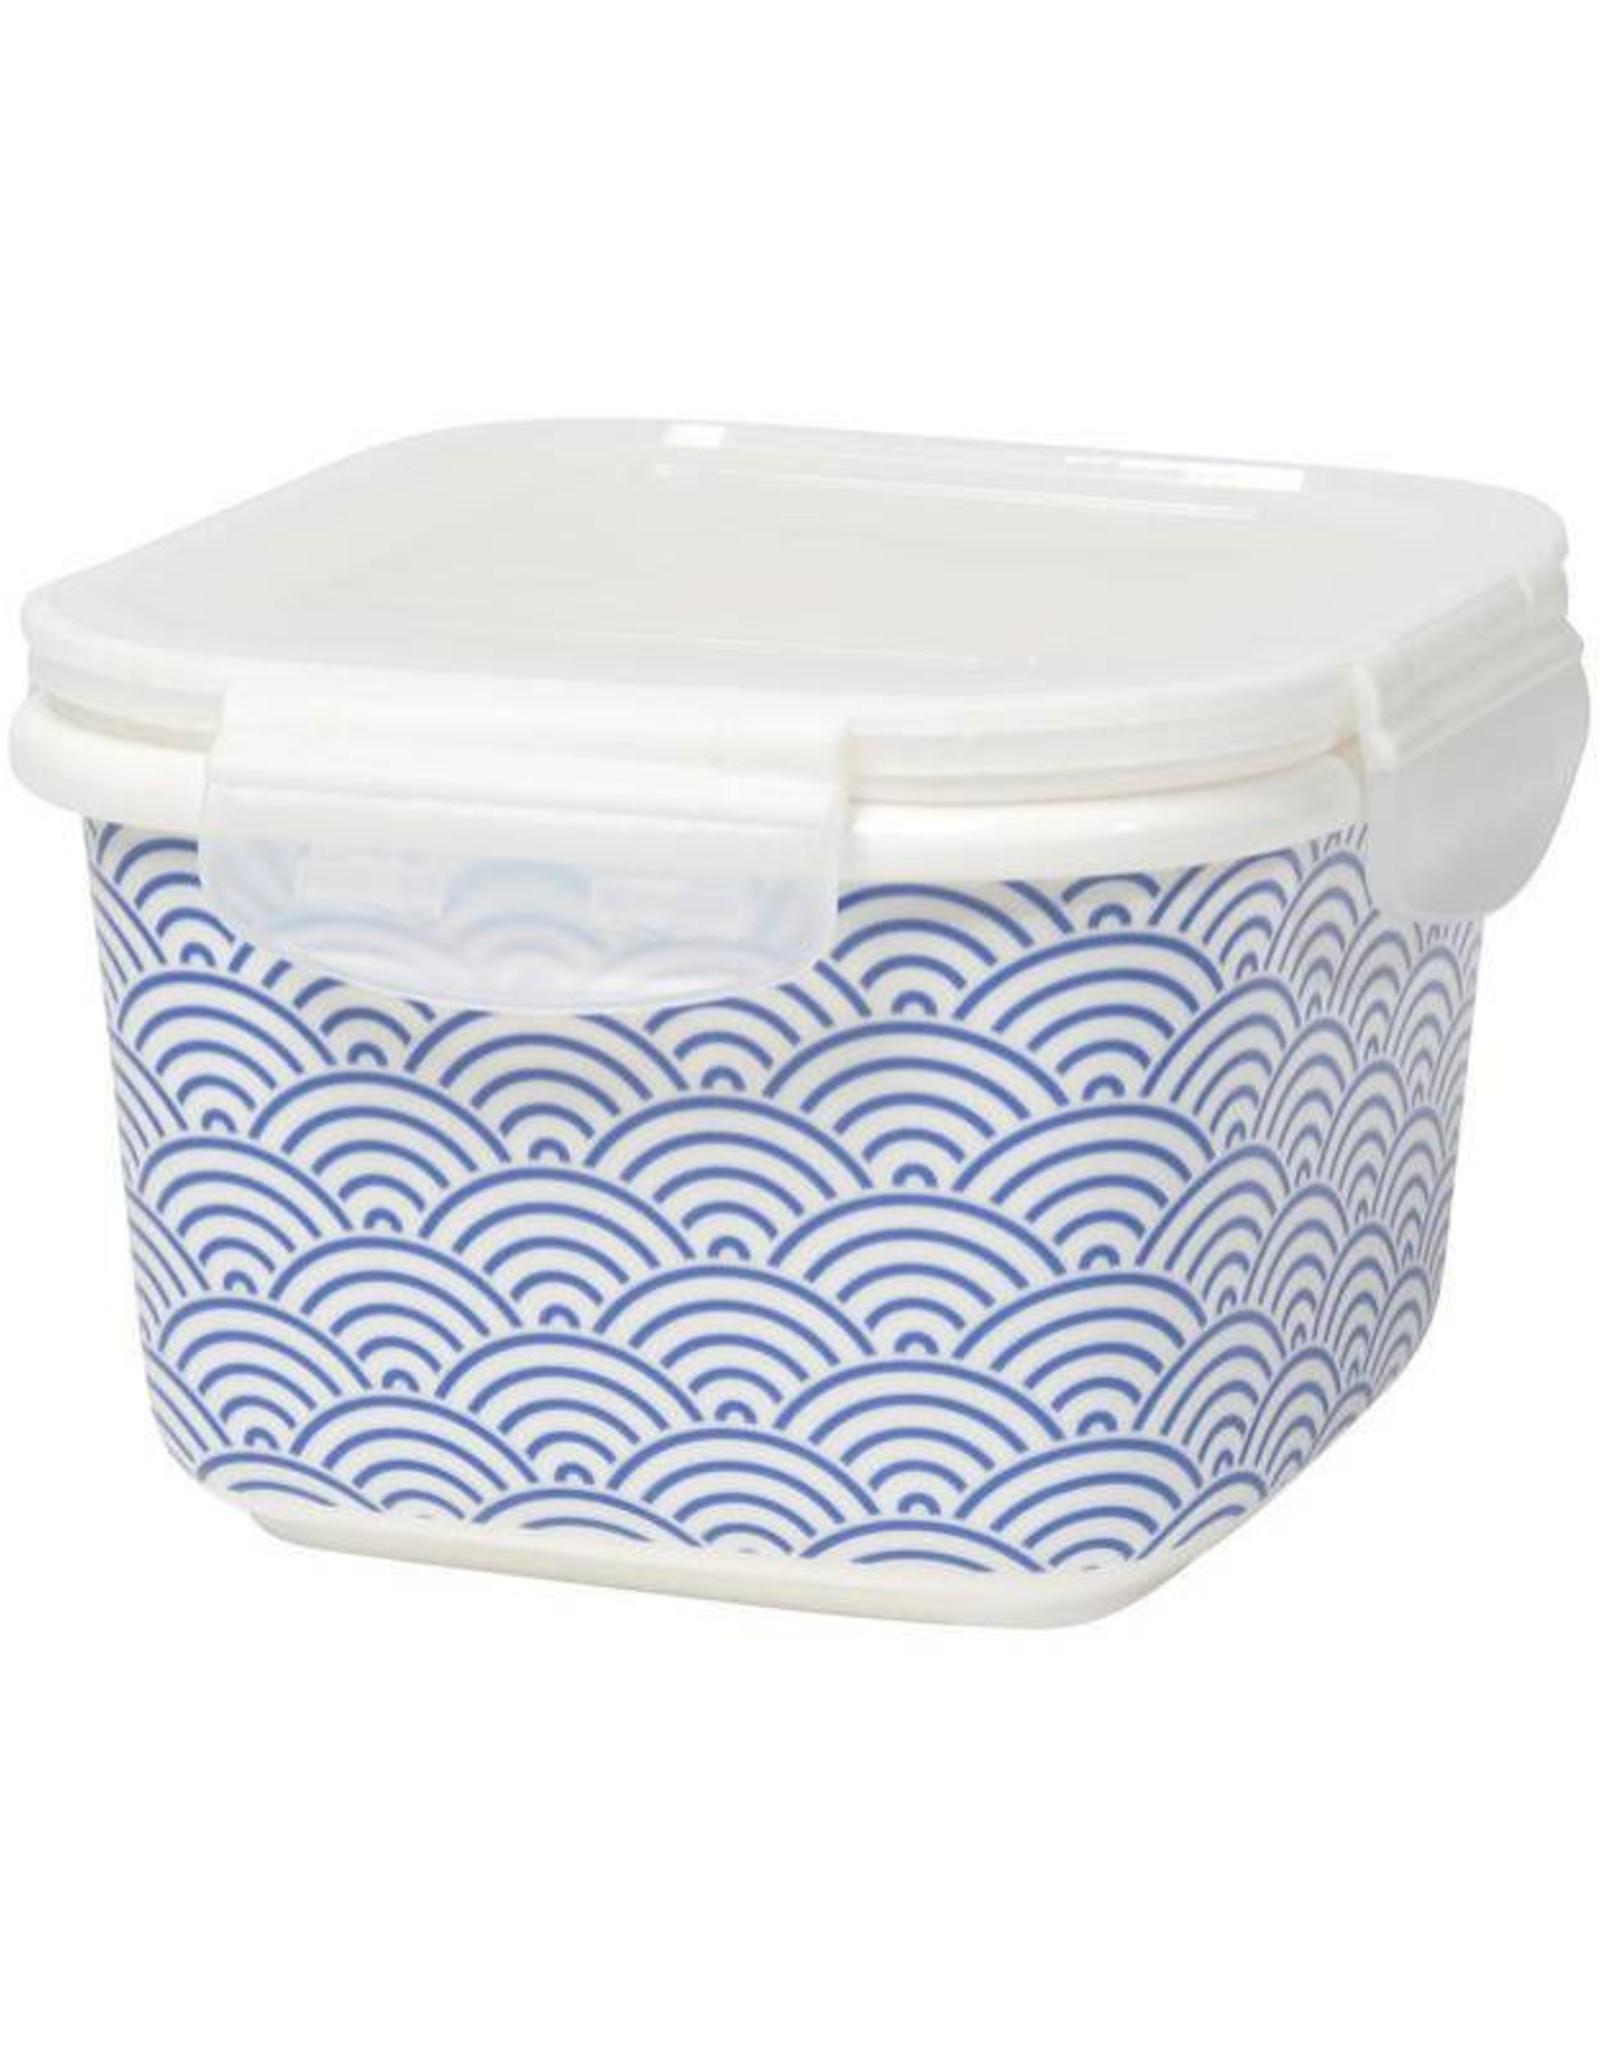 Now Designs Contenant hermétique 'Snack n Serve' 6'' bleu vague